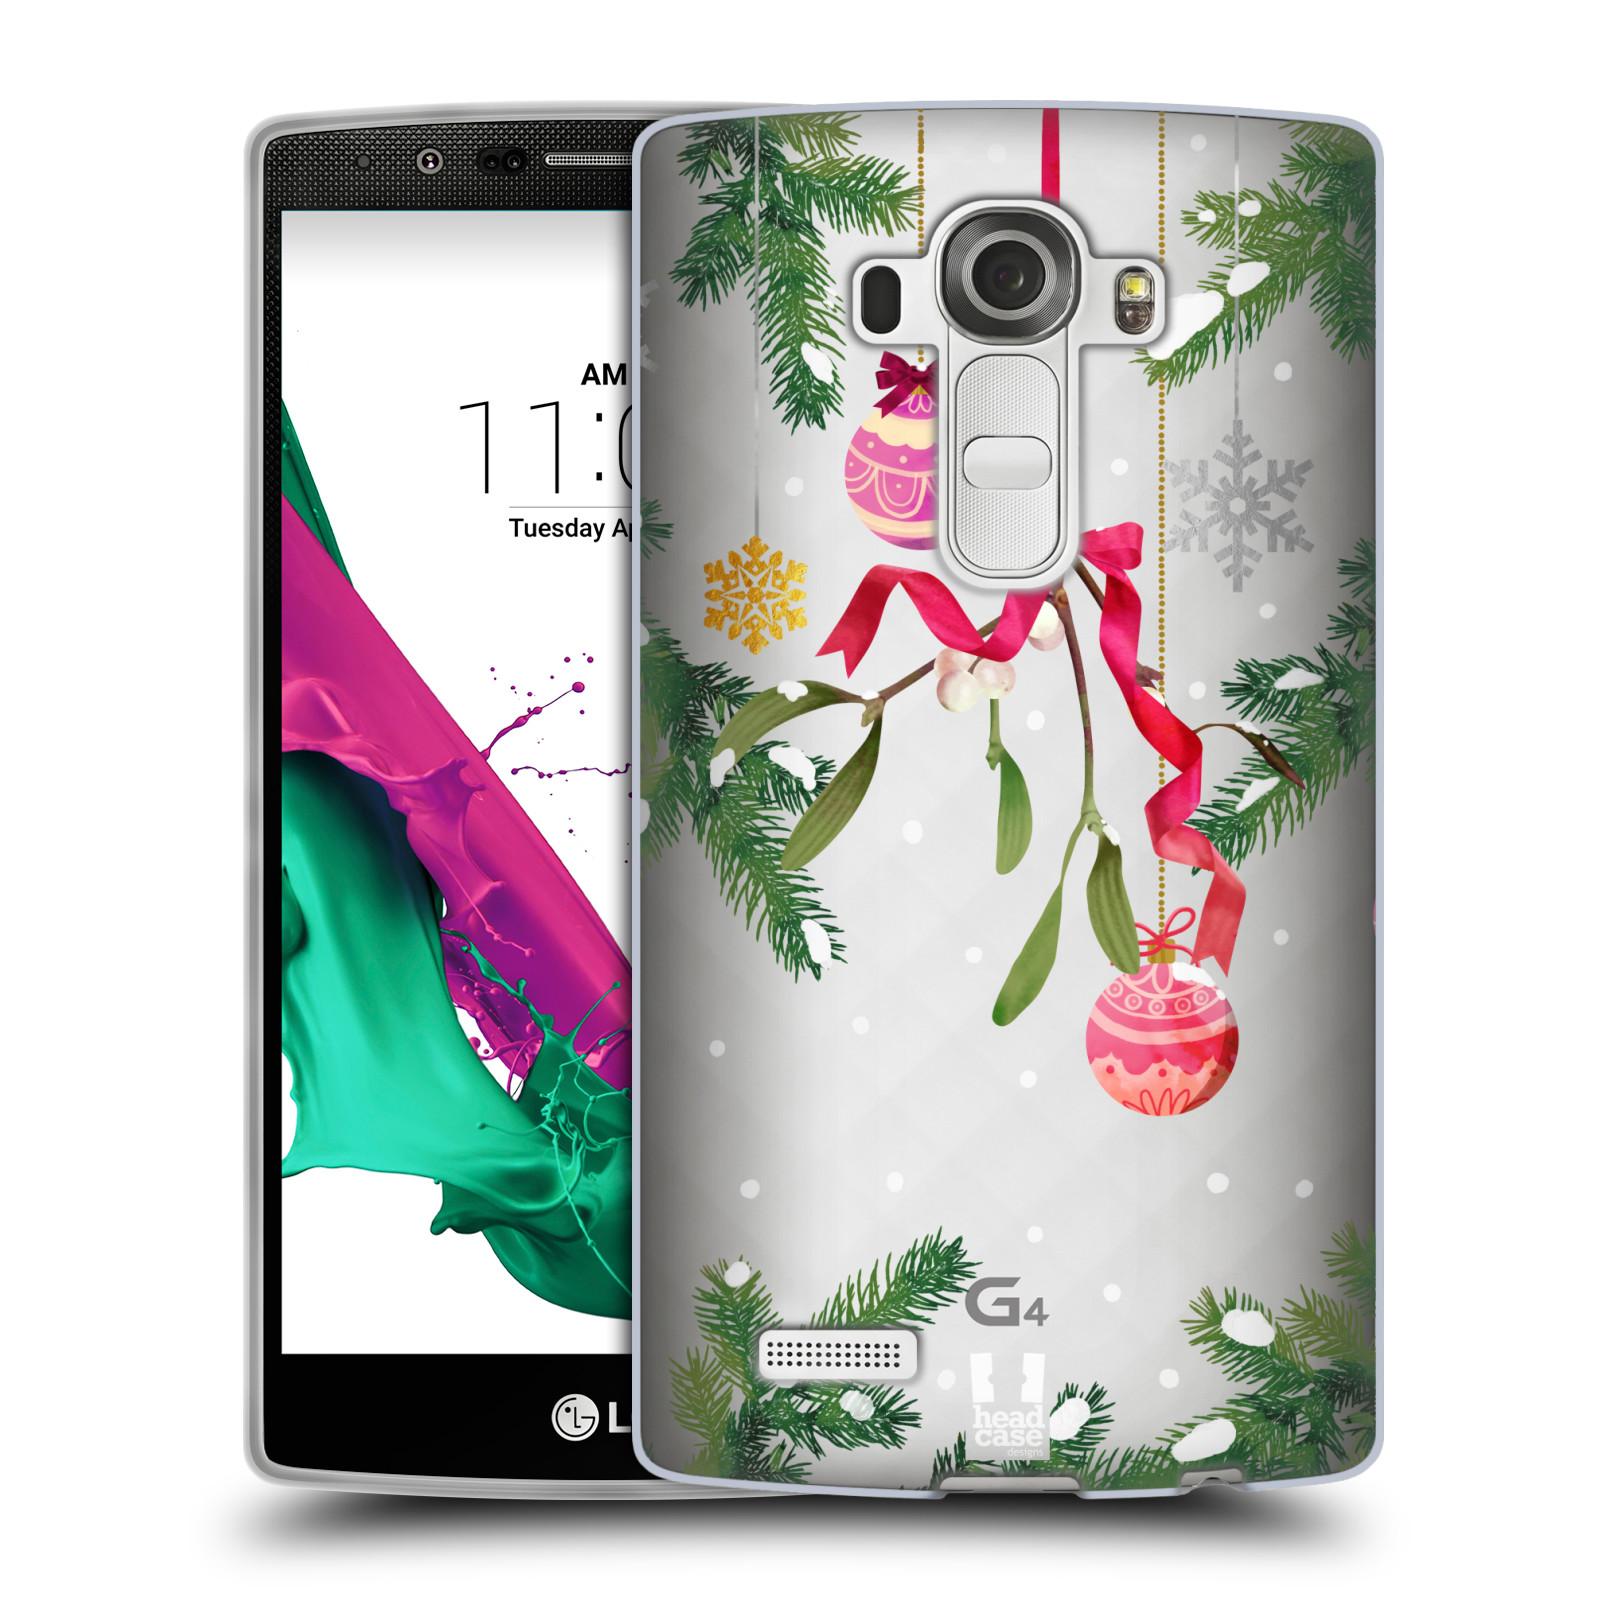 Silikonové pouzdro na mobil LG G4 - Head Case - Větvičky a vánoční ozdoby